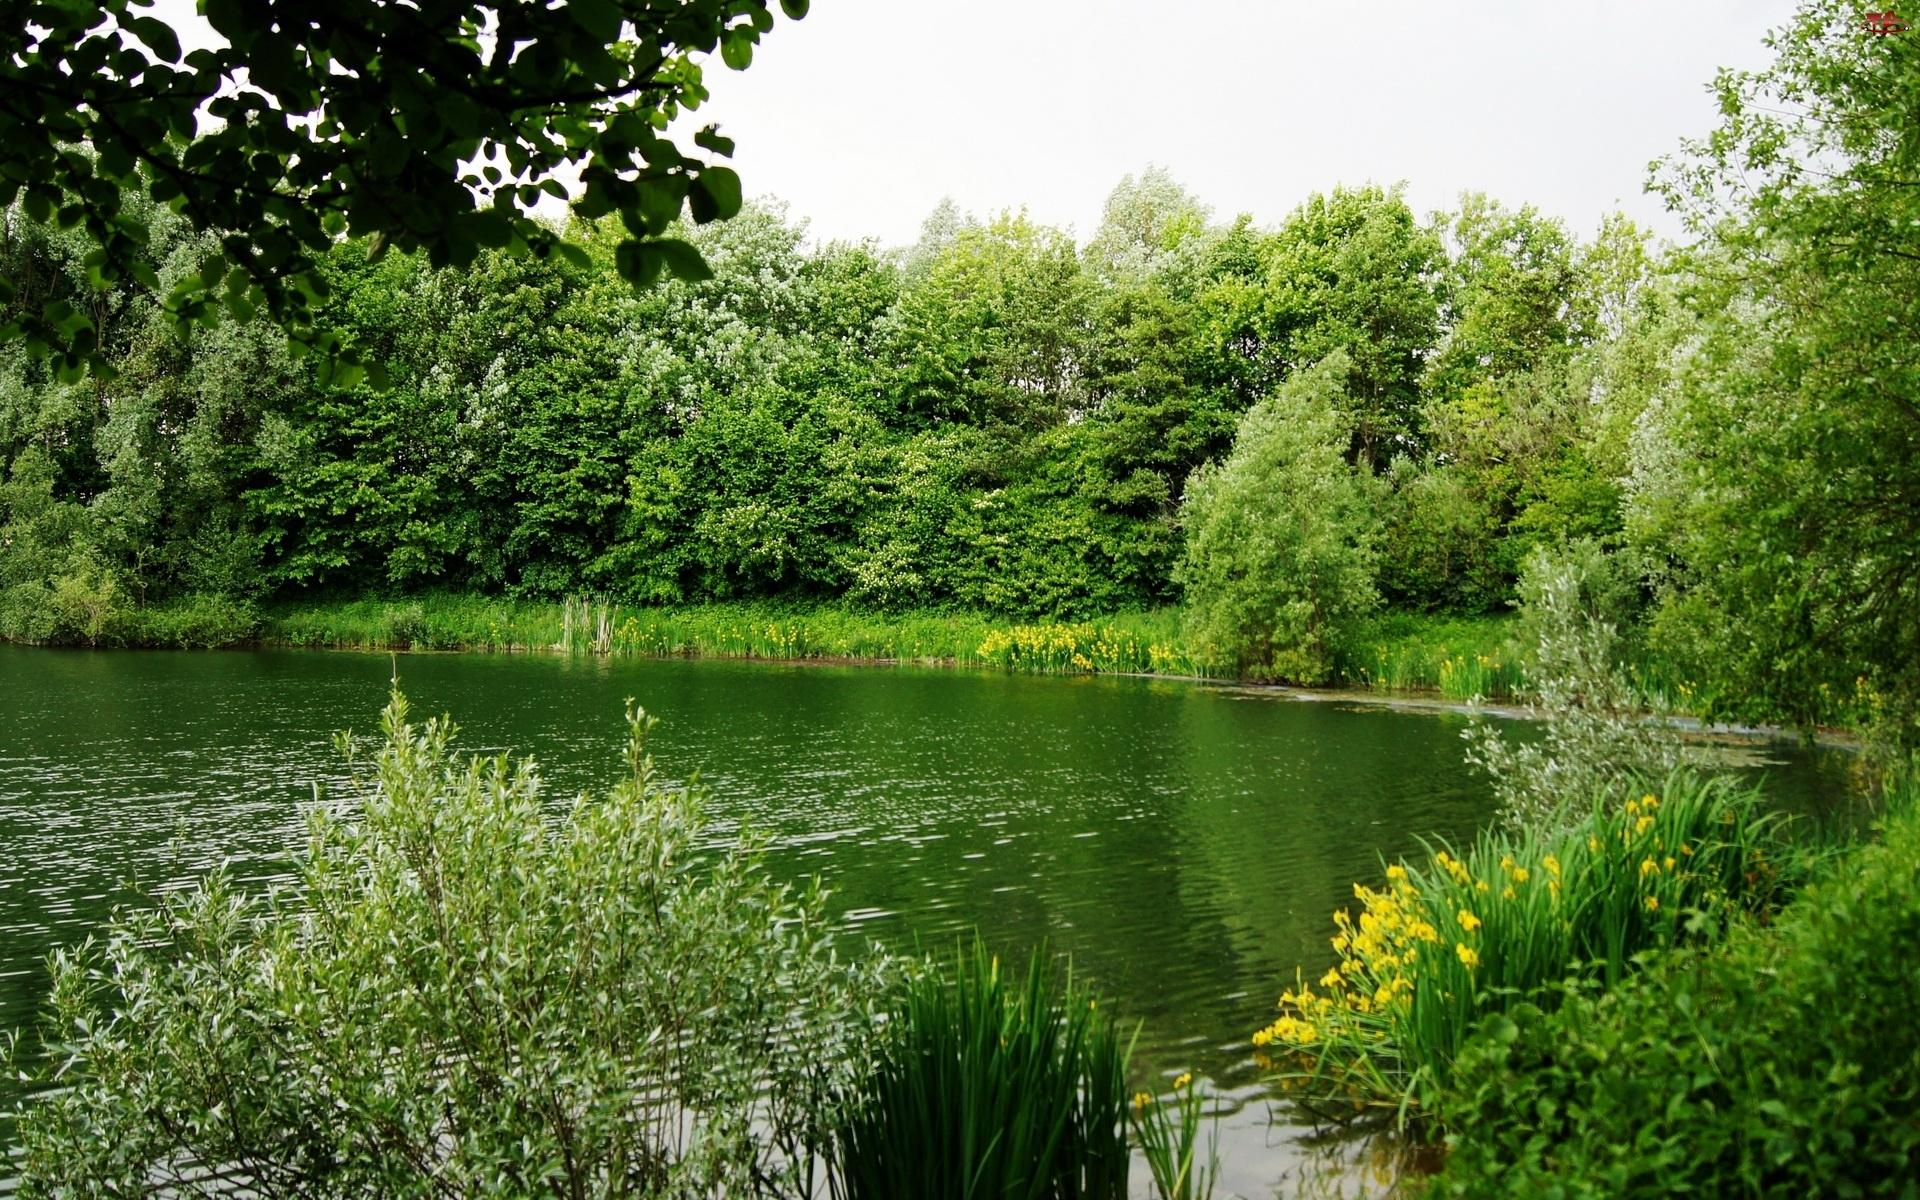 Rzeka, Kwiaty, Drzewa, Krzewy